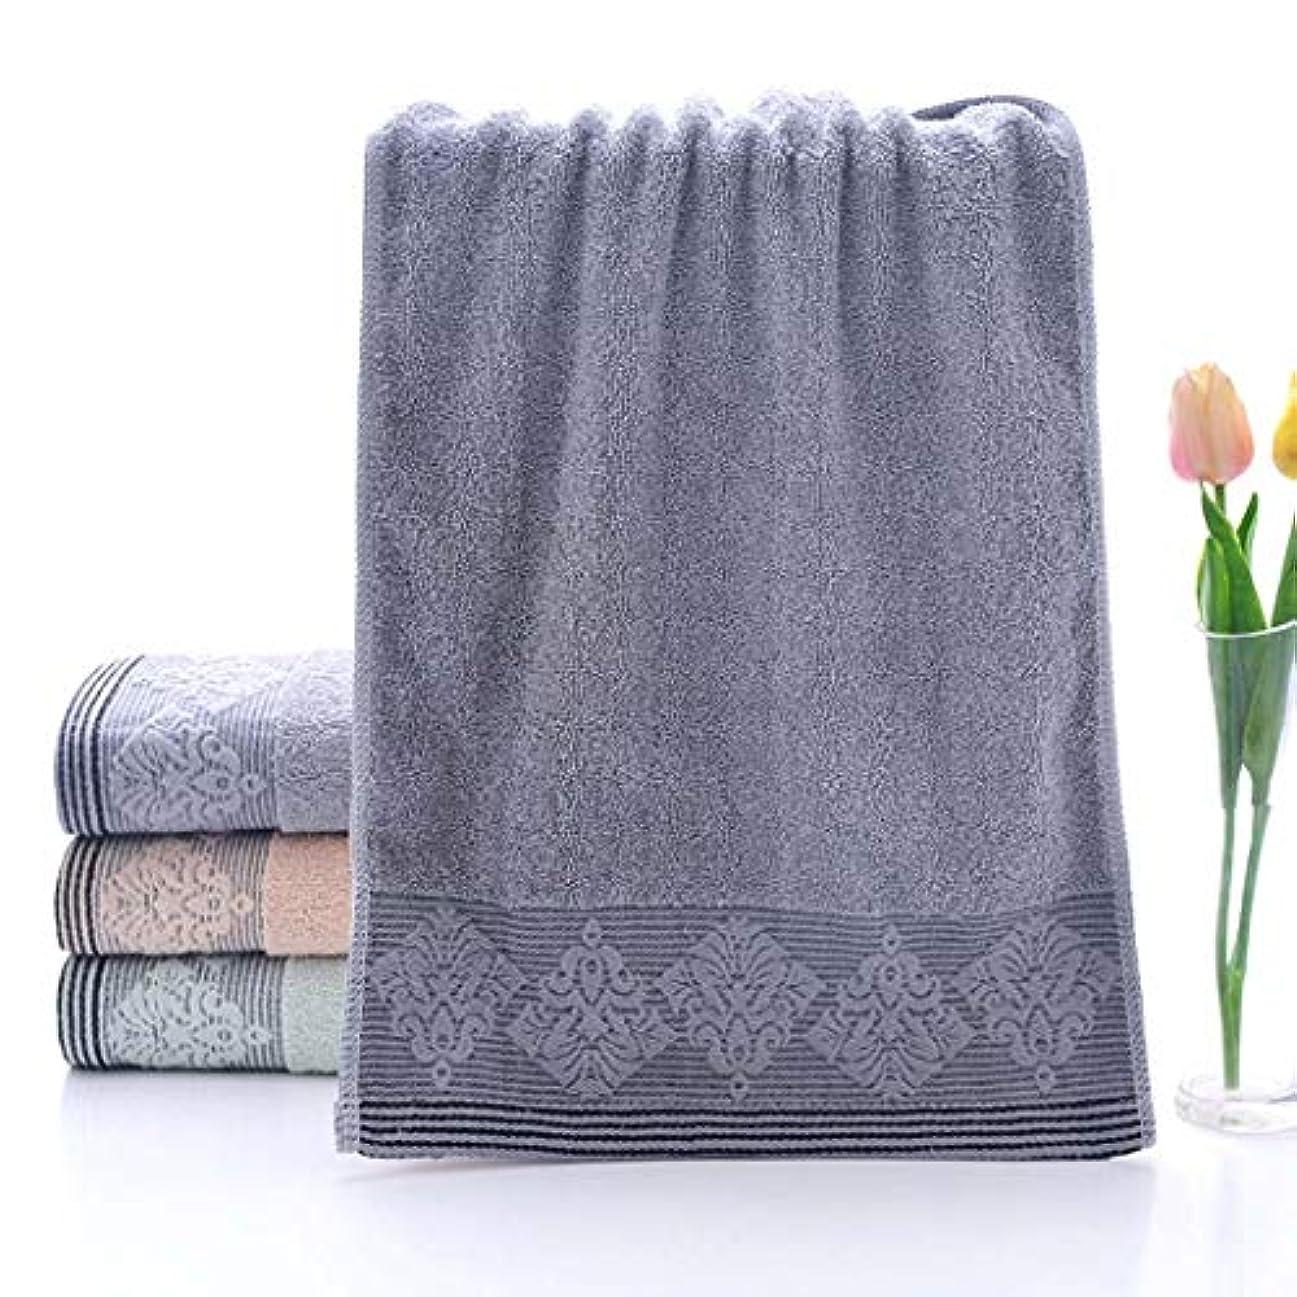 影響を受けやすいです調和持参綿のタオルの速い乾燥したタオルのスポーツタオルの容易な心配,Gray,33*73cm